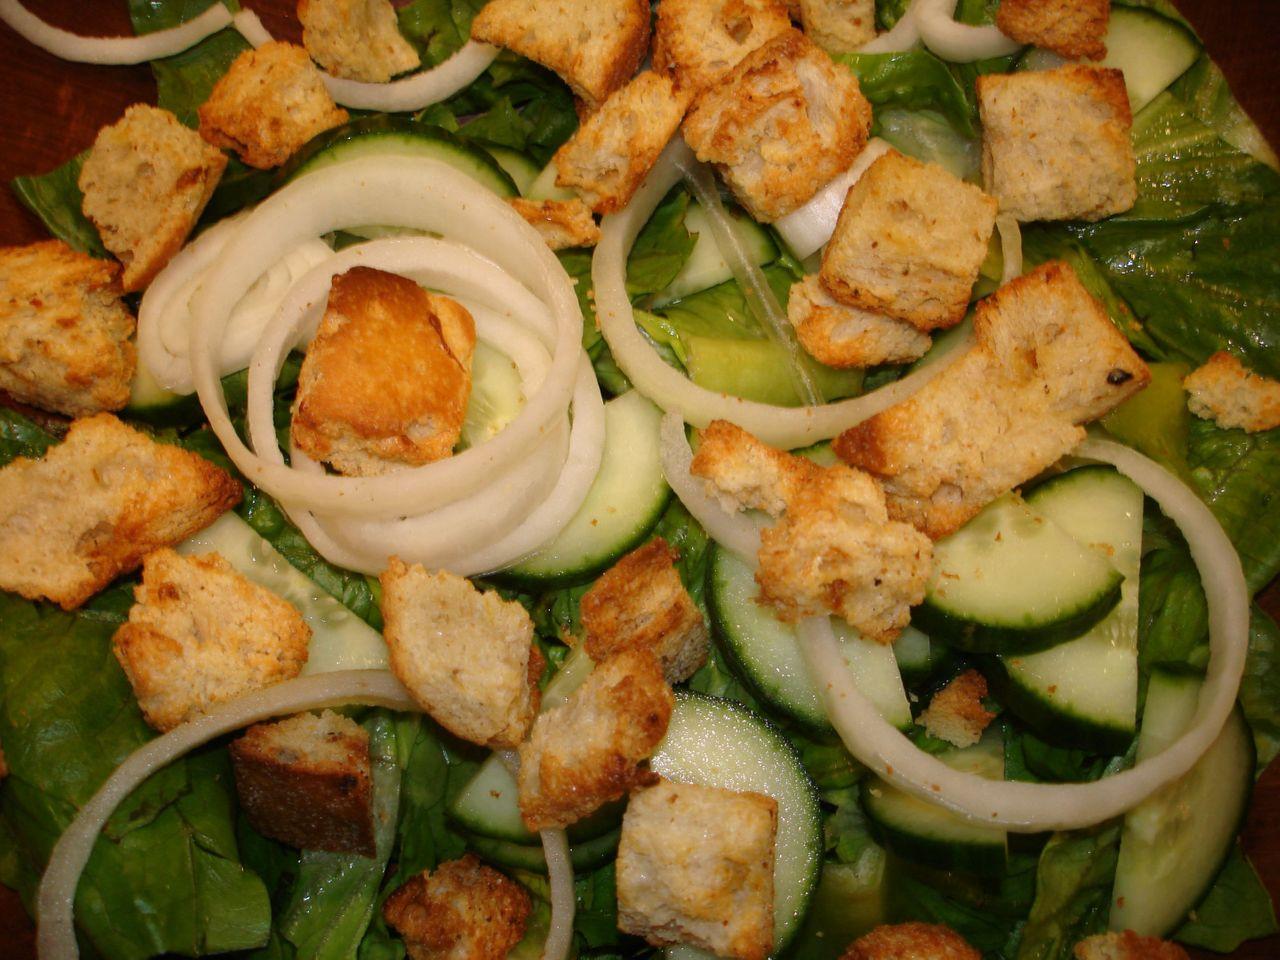 salad_croutons.JPG